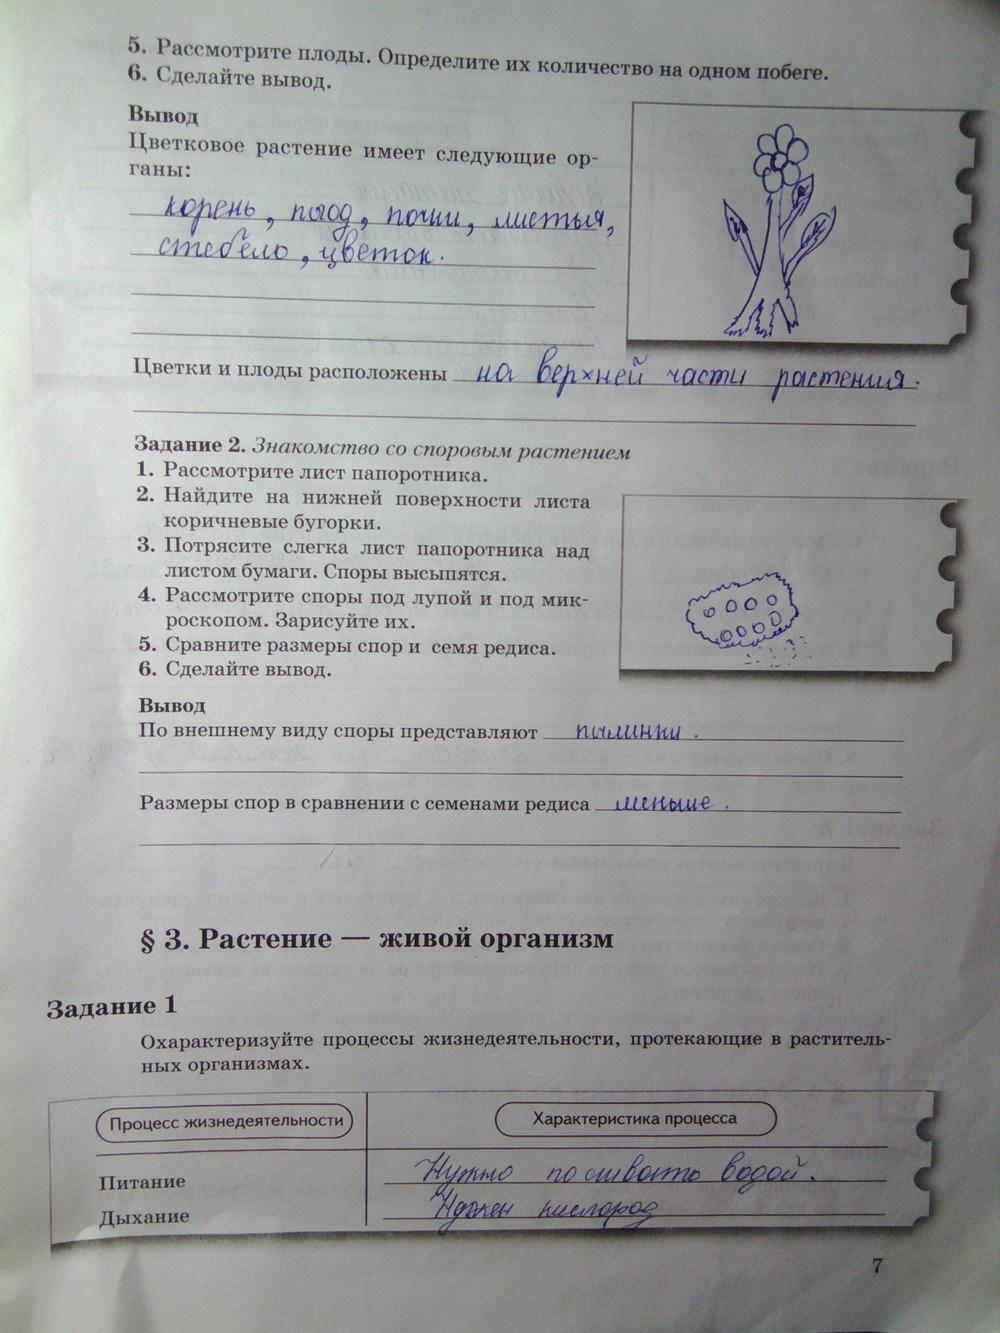 гдз от путина по биологии за 6 класс пономарёва